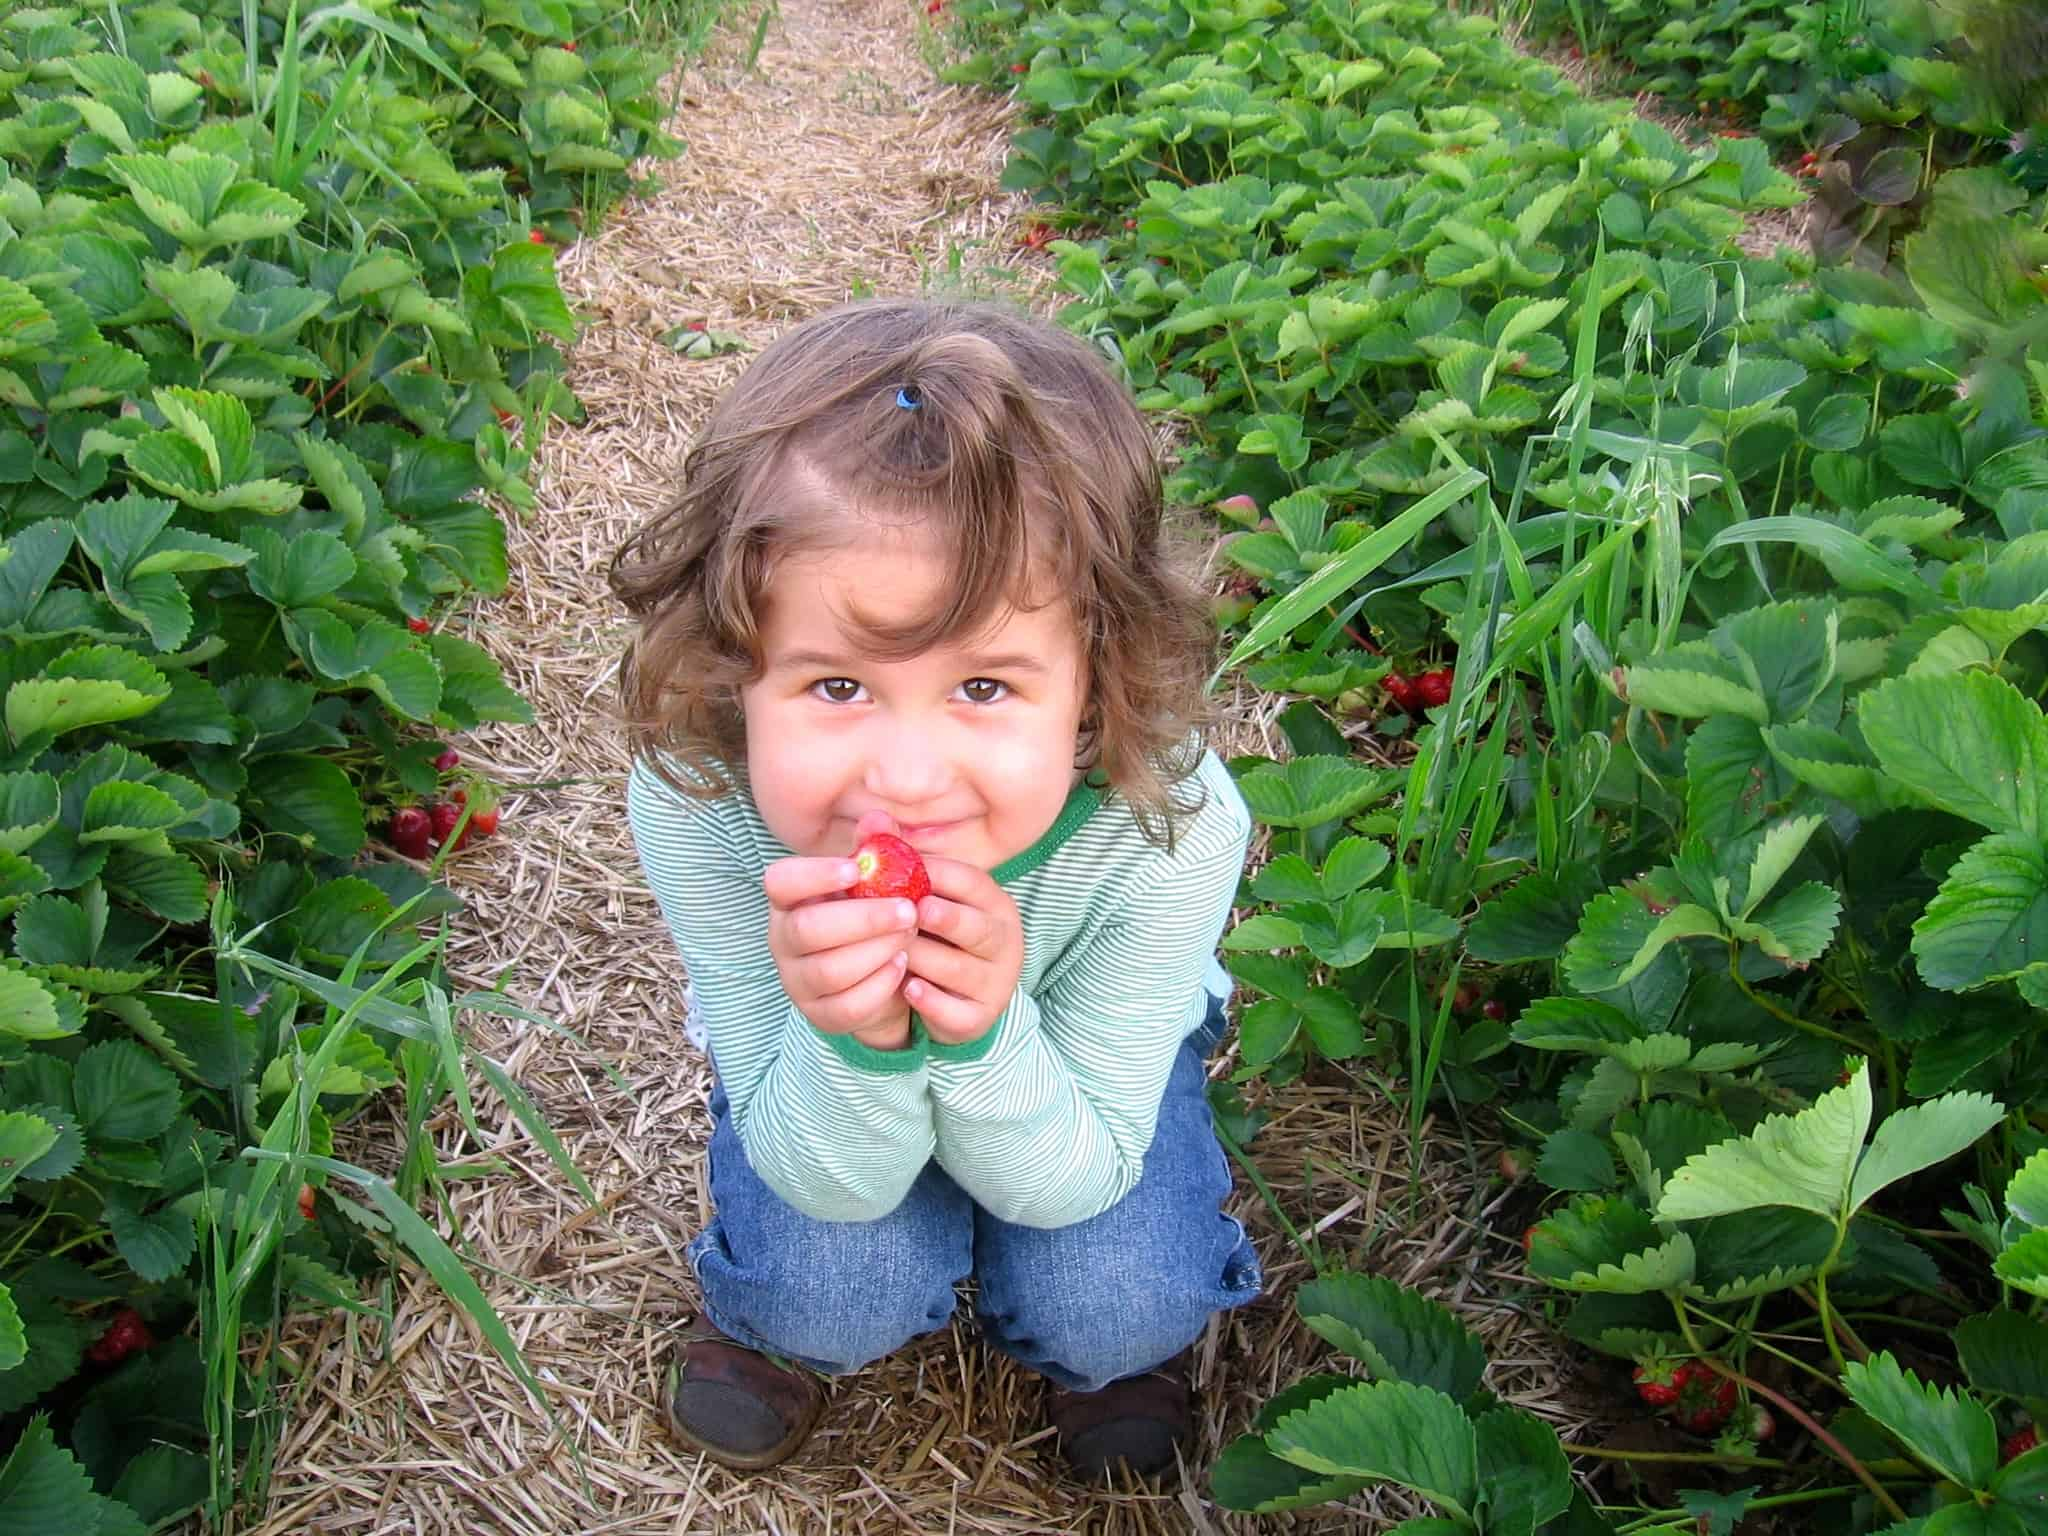 Viviane et fraise 2008 modifiée